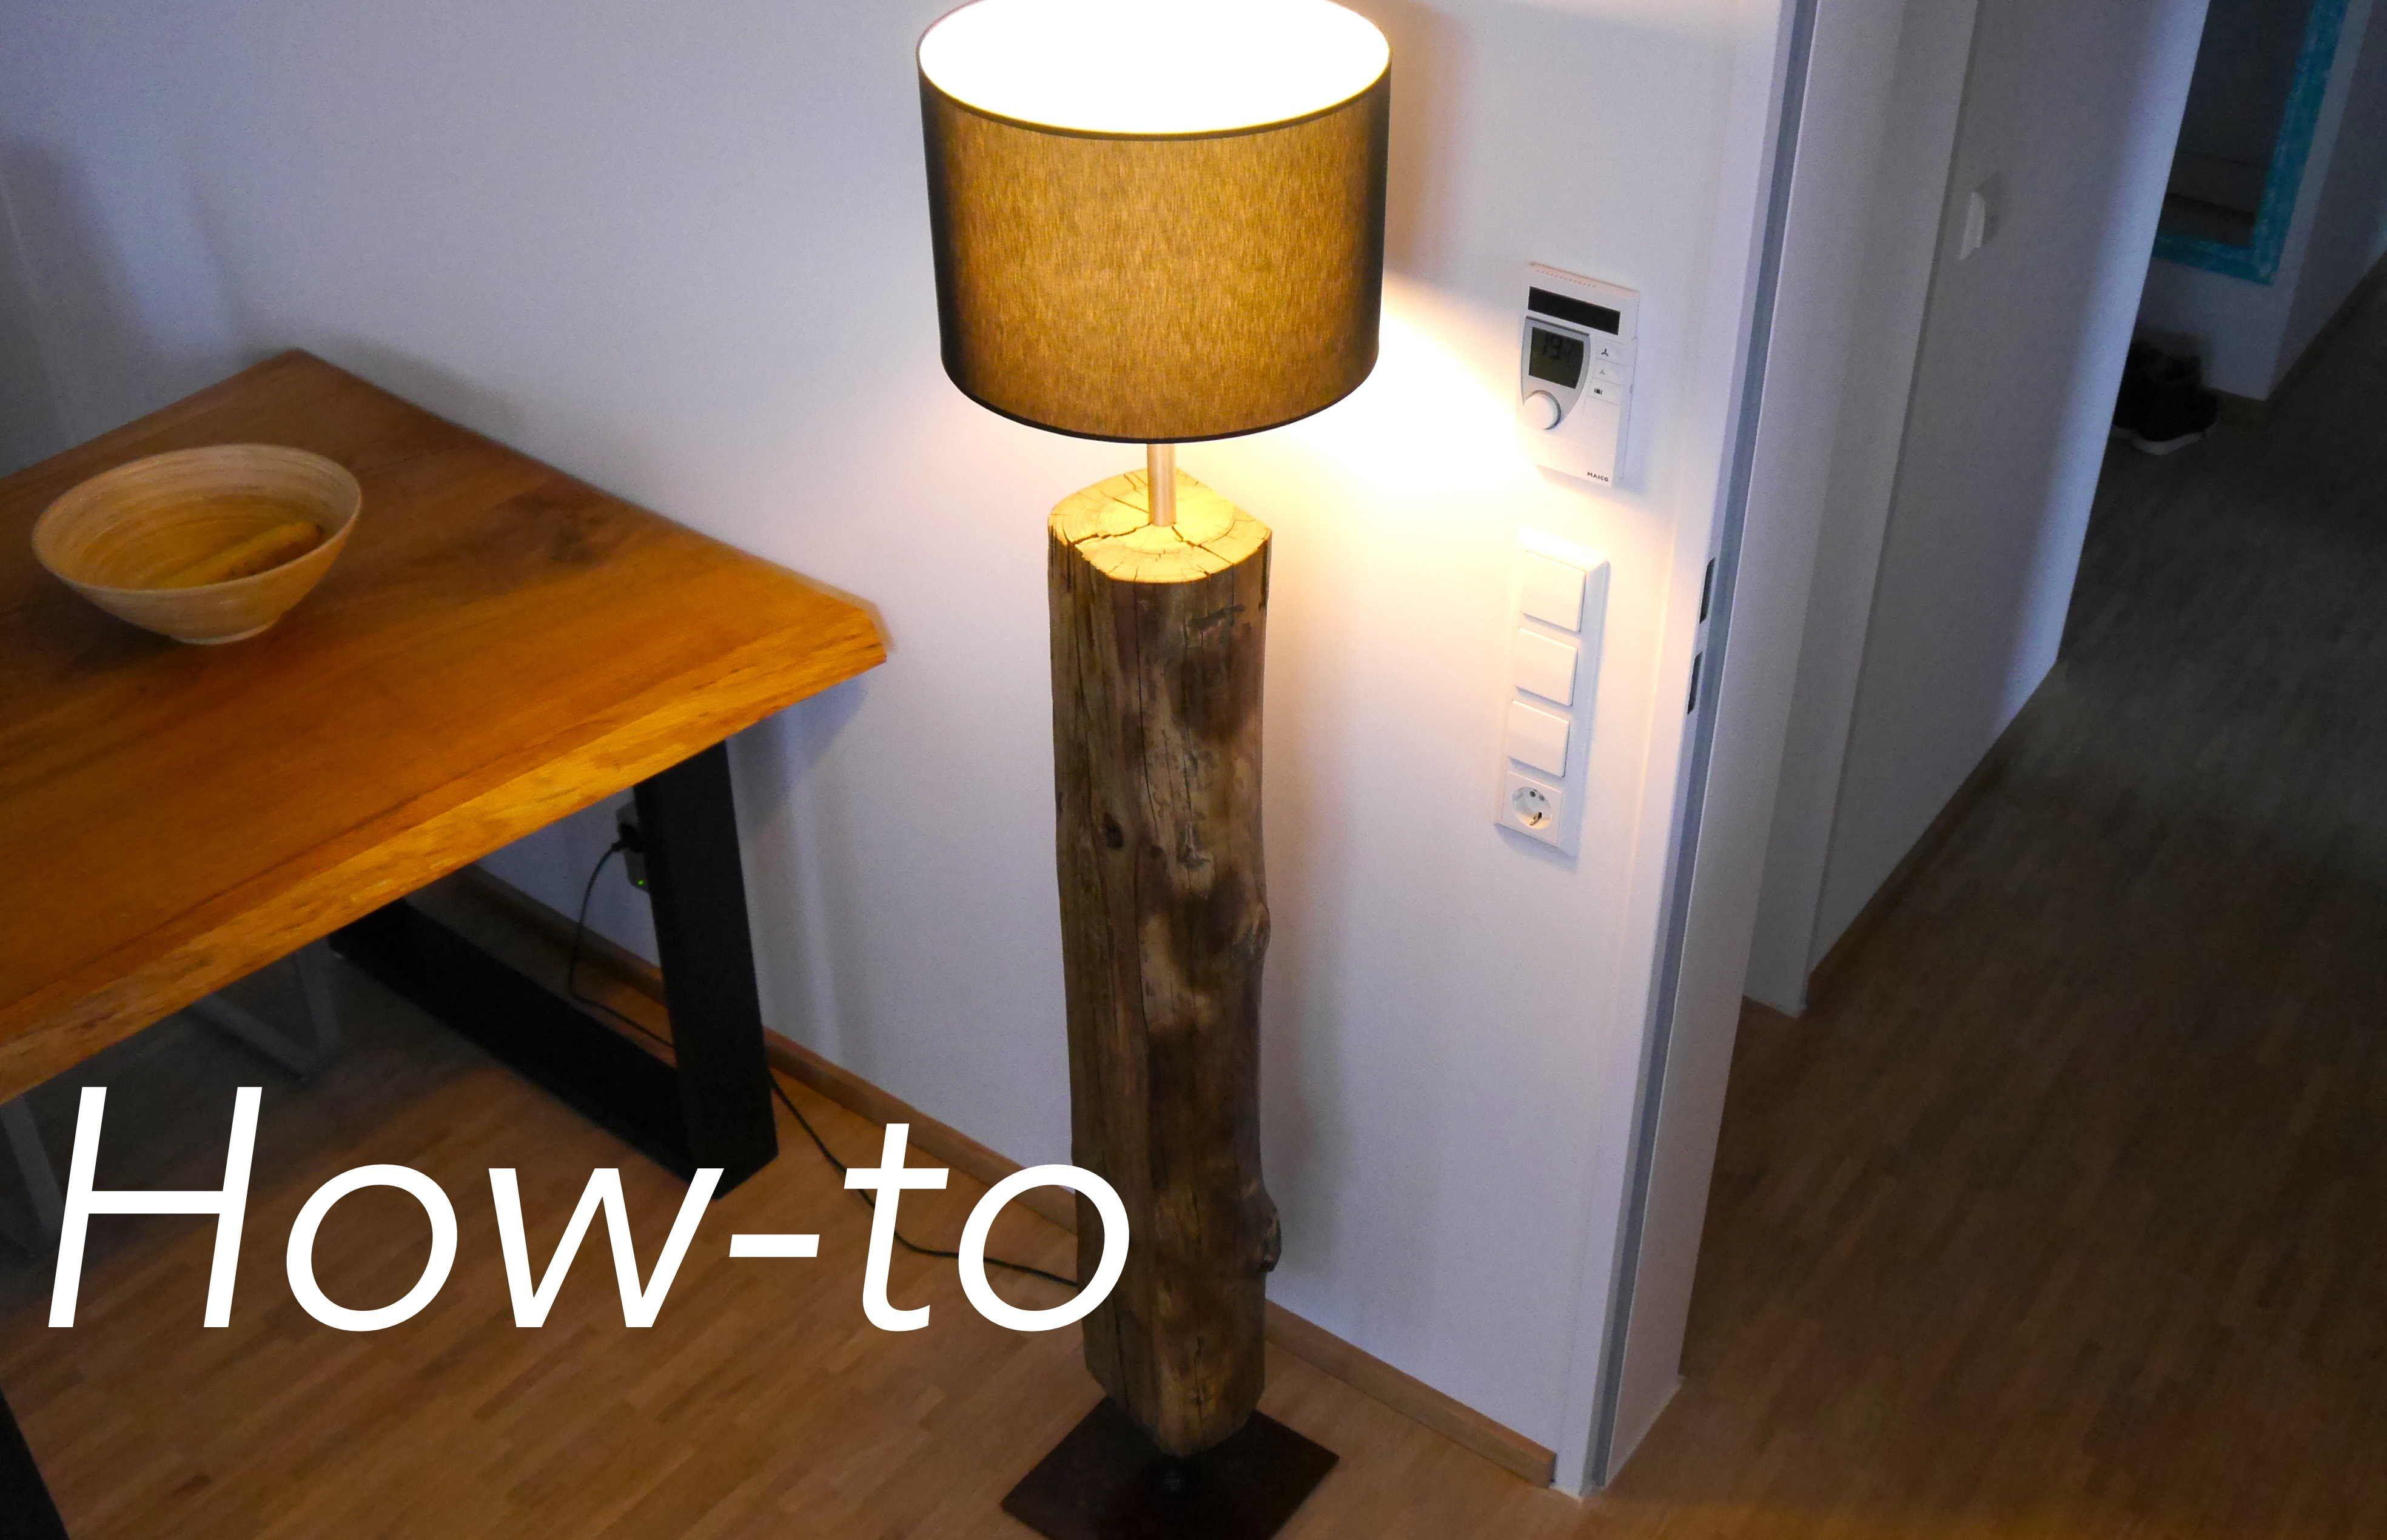 Diy Designer Lampe Treibholz Bauen Anleitung Stehlampe Treibholz